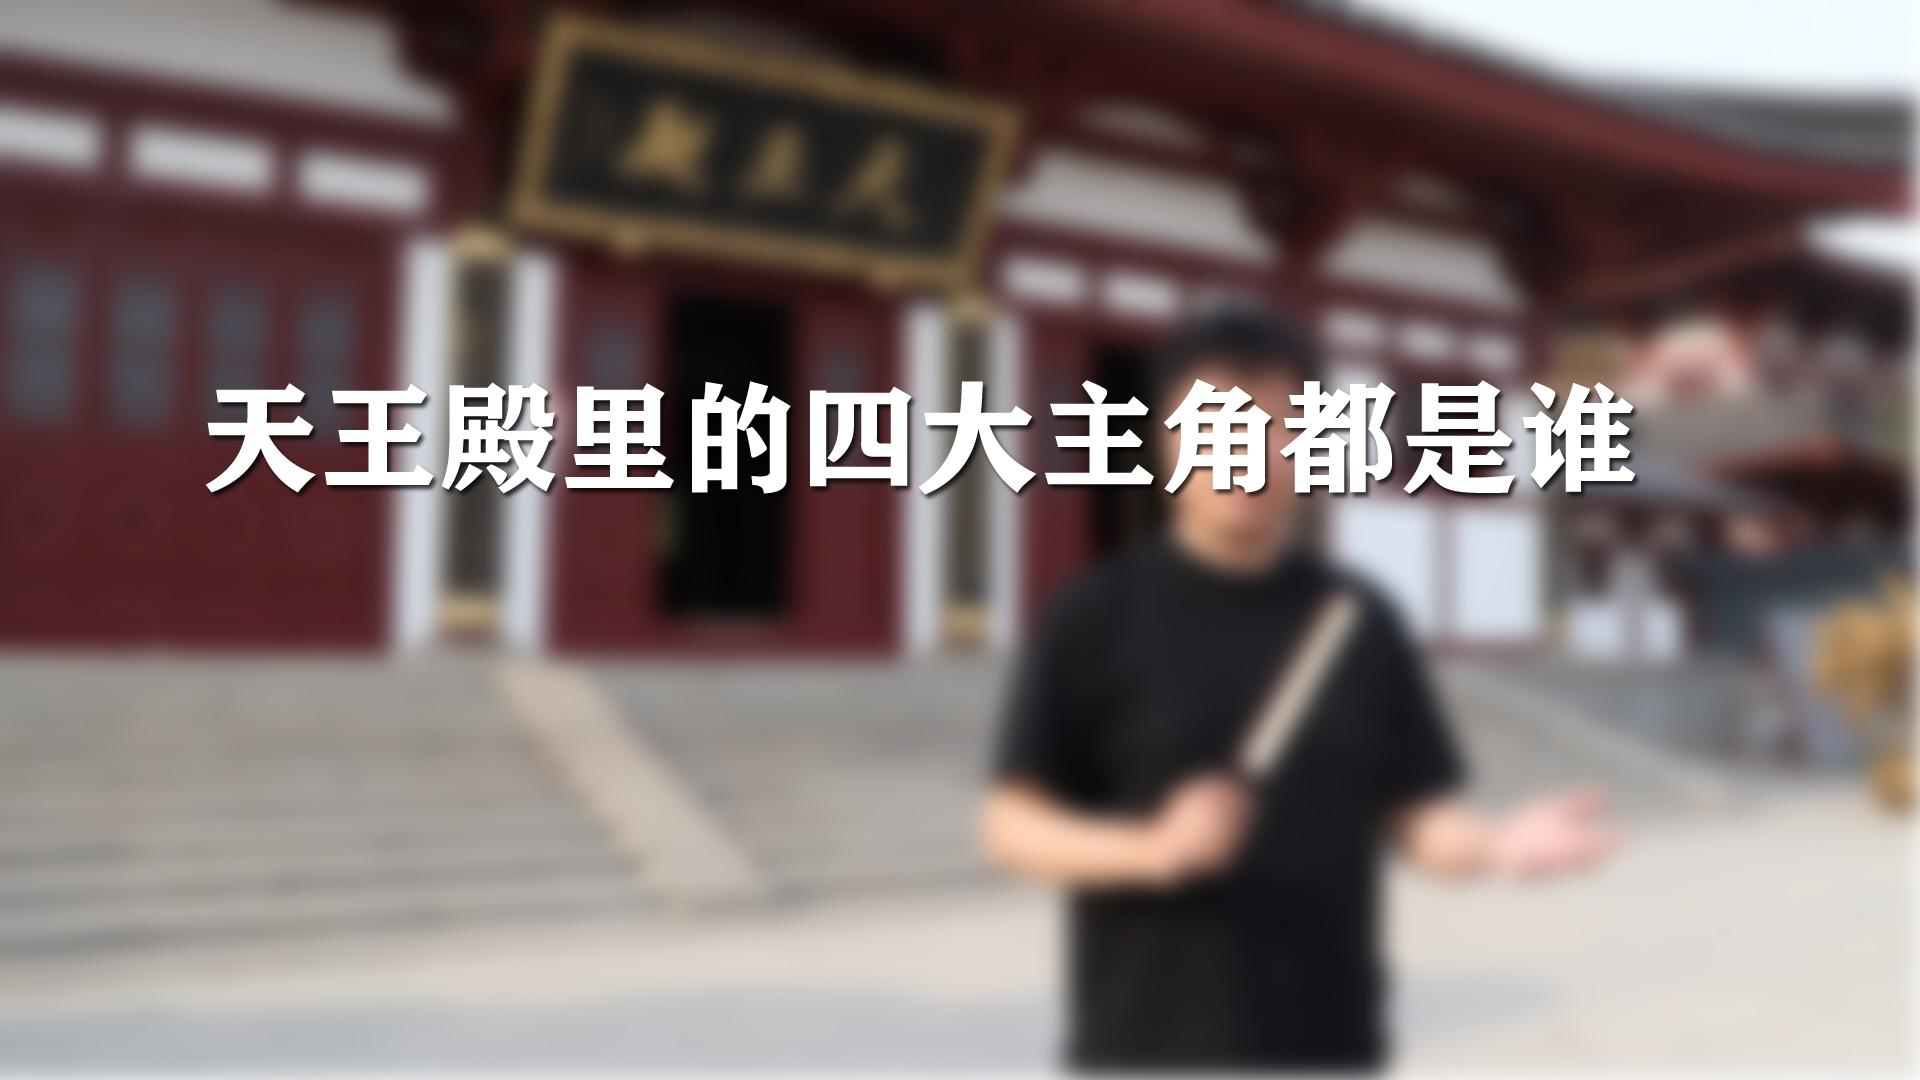 《问禅小师兄》第七期:天王殿里的四大主角都是谁?